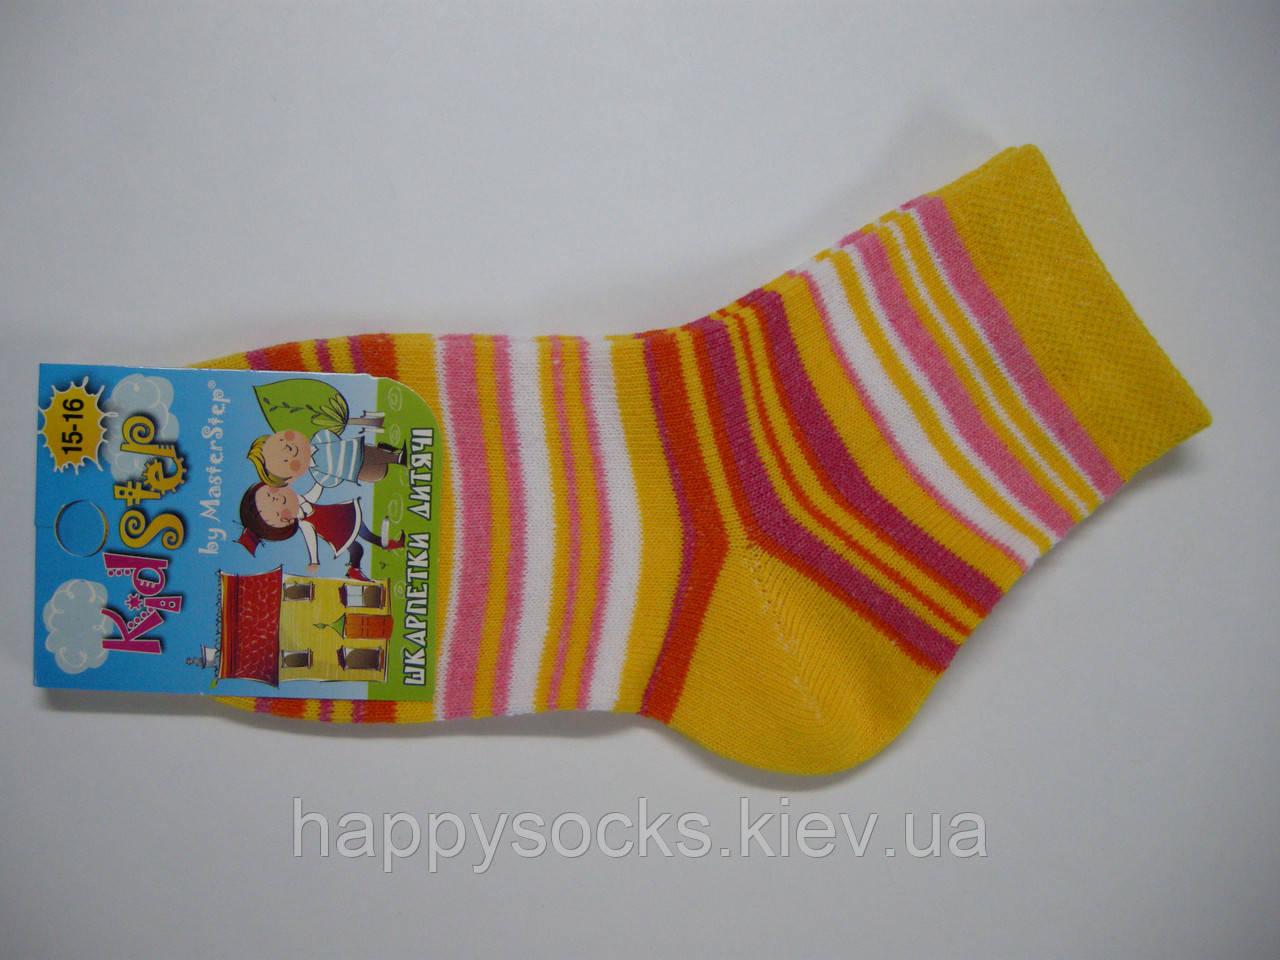 Яркие полосатые детские носки